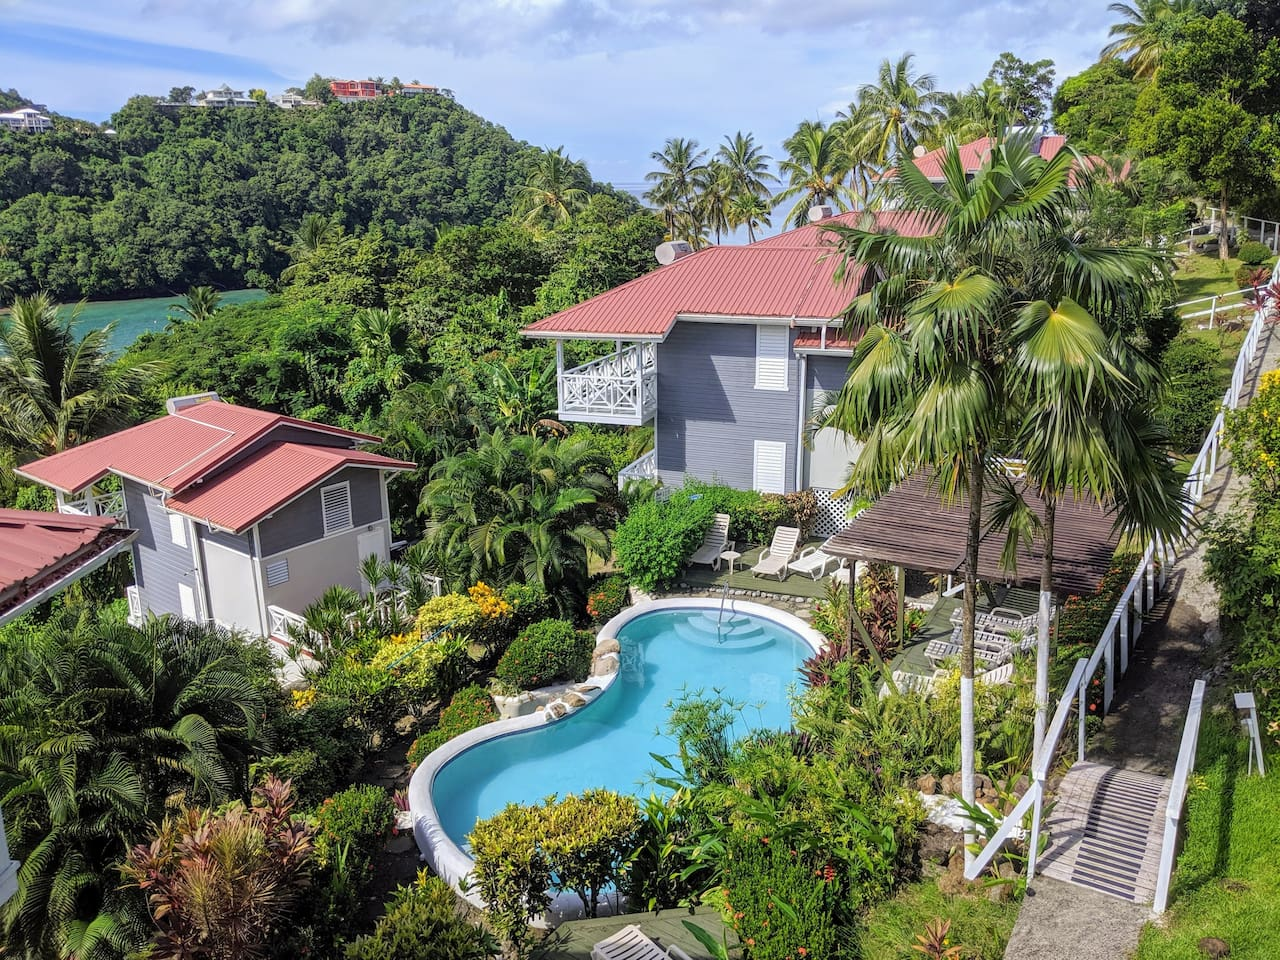 Vacation Villa of Marigot Bay